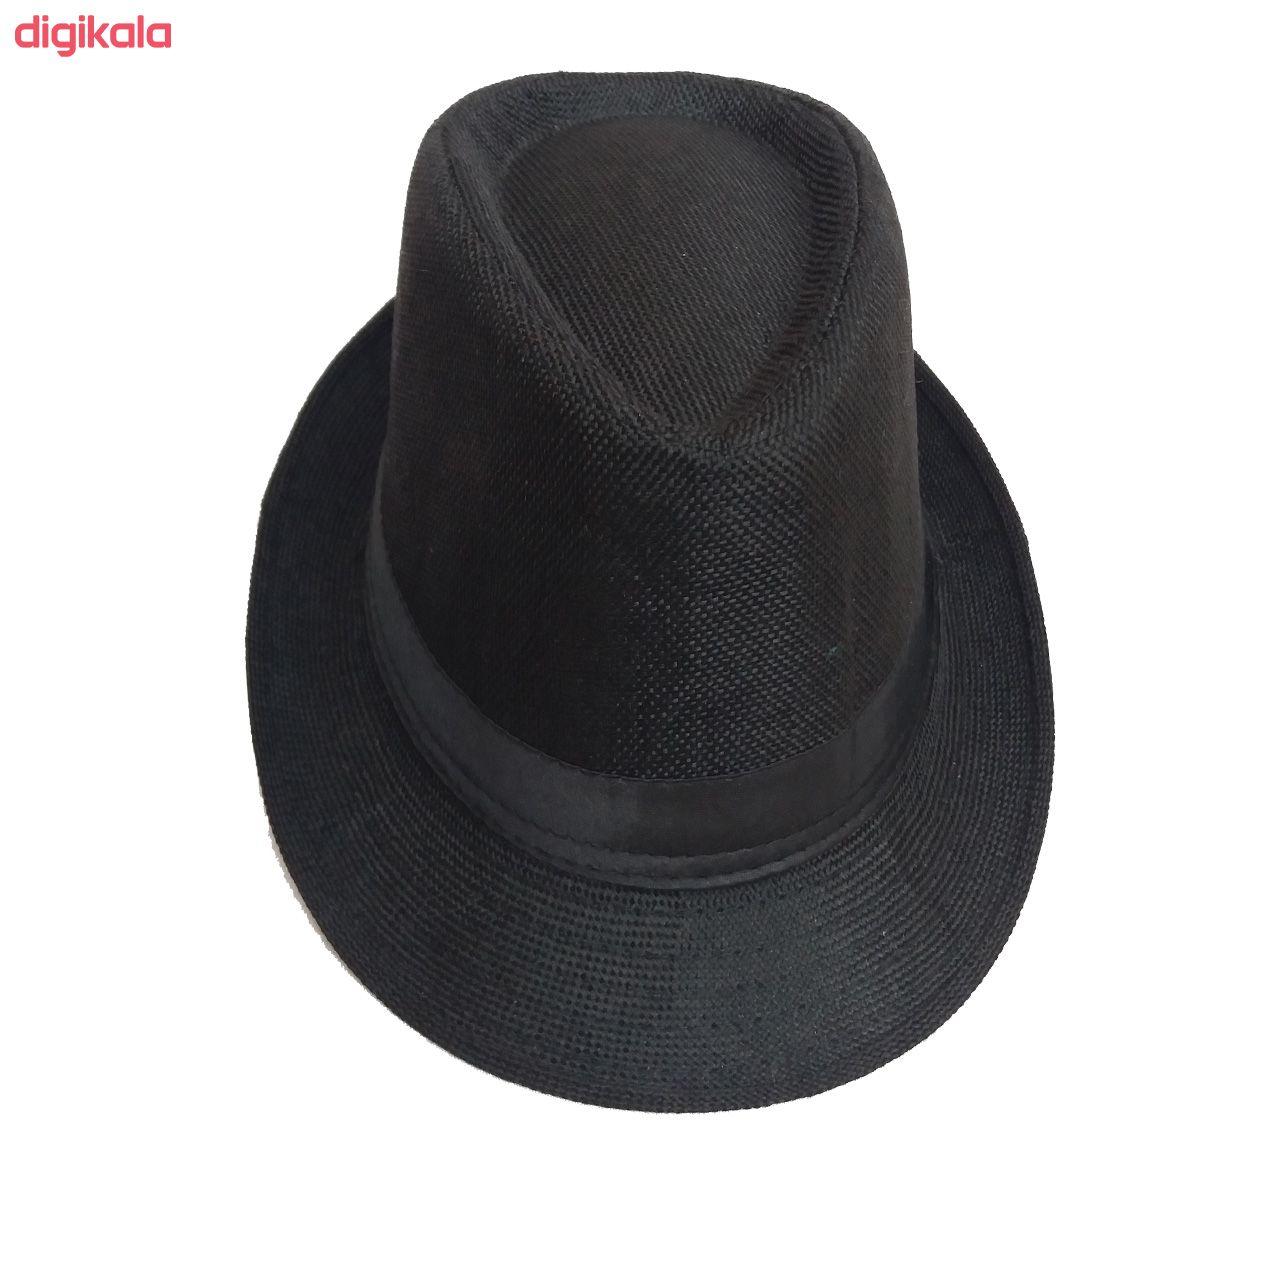 کلاه شاپو مردانه کد 733 main 1 1